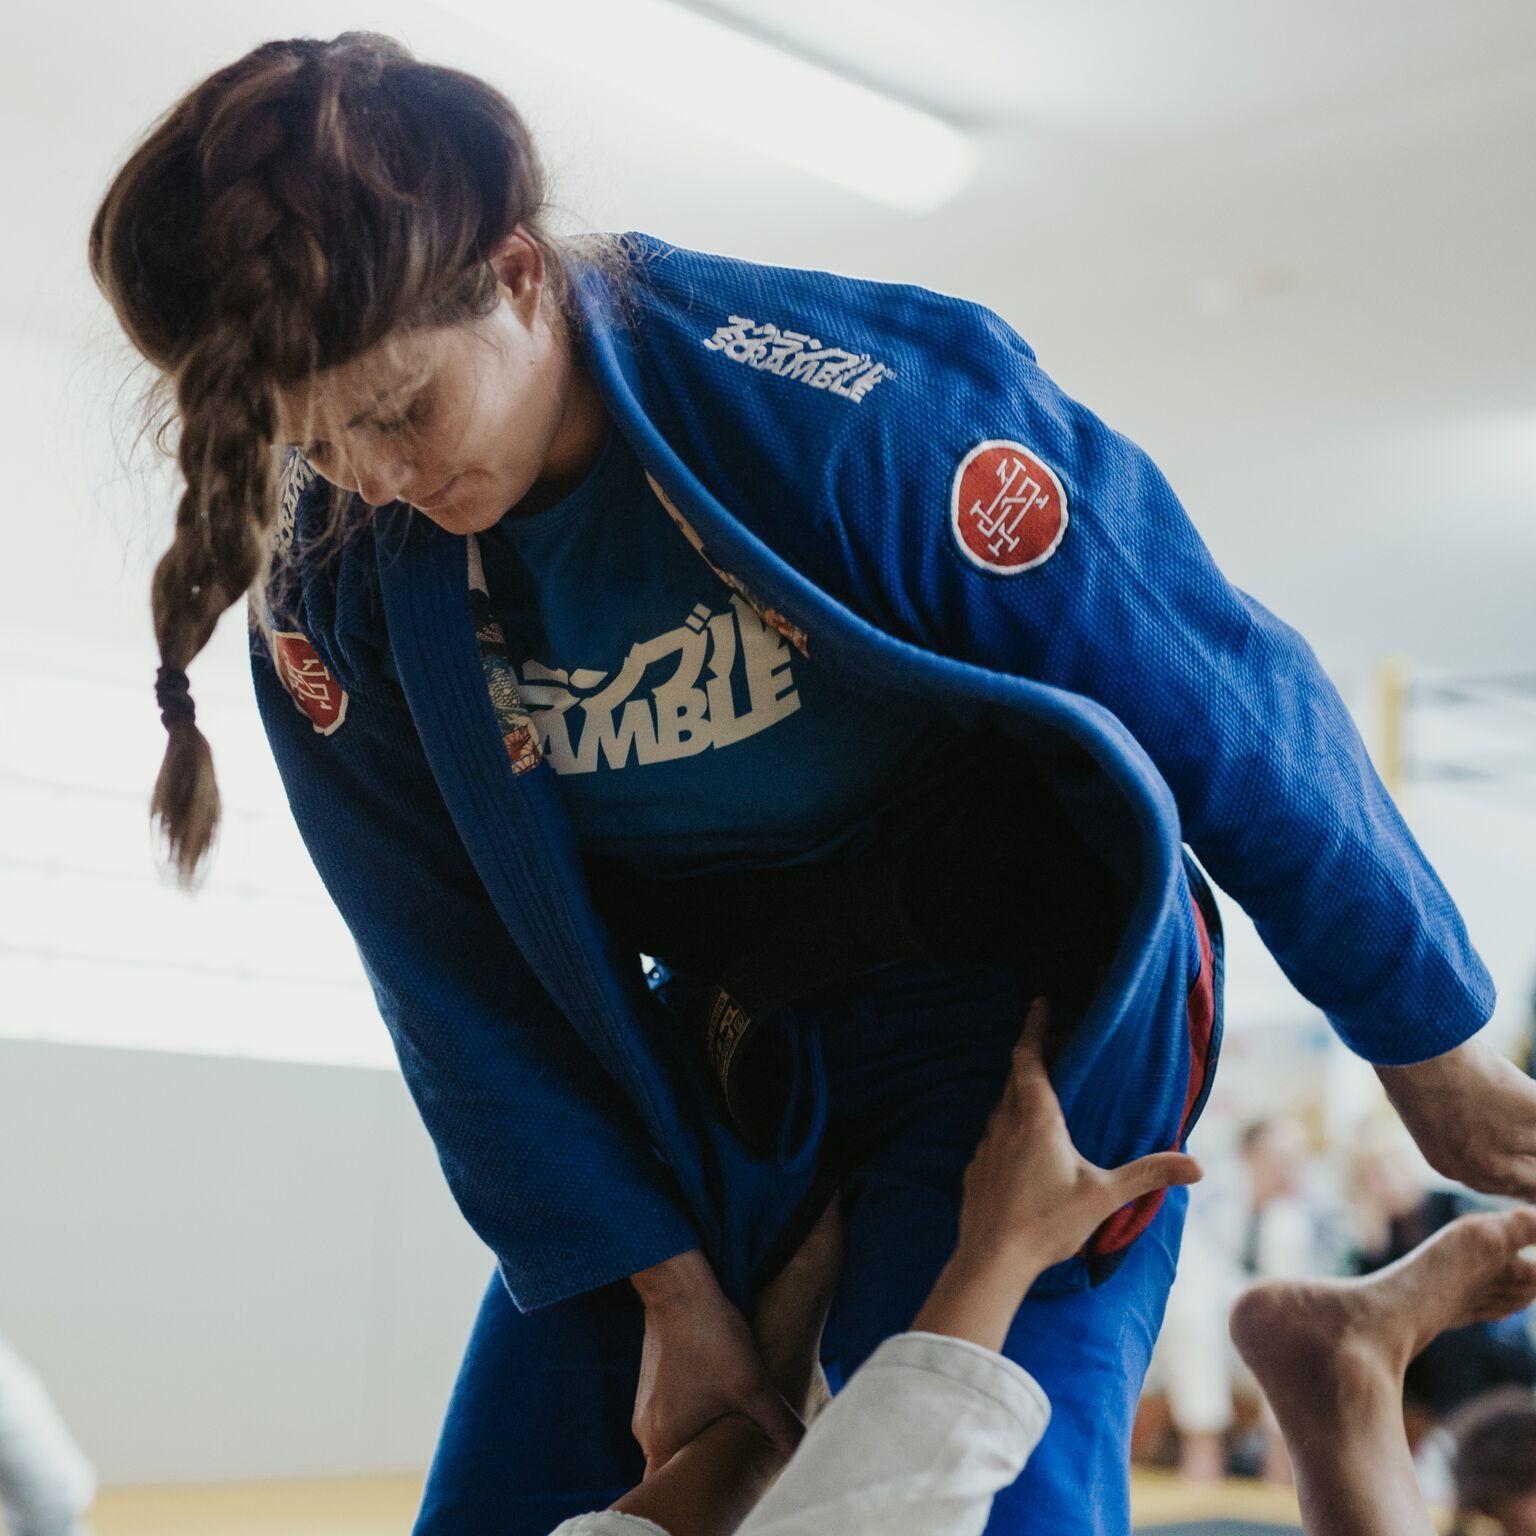 女性用  SCRAMBLE ATHLETE 4: 550+ (女性用カット / ブルー、青)|女性用ブラジリアン柔術衣